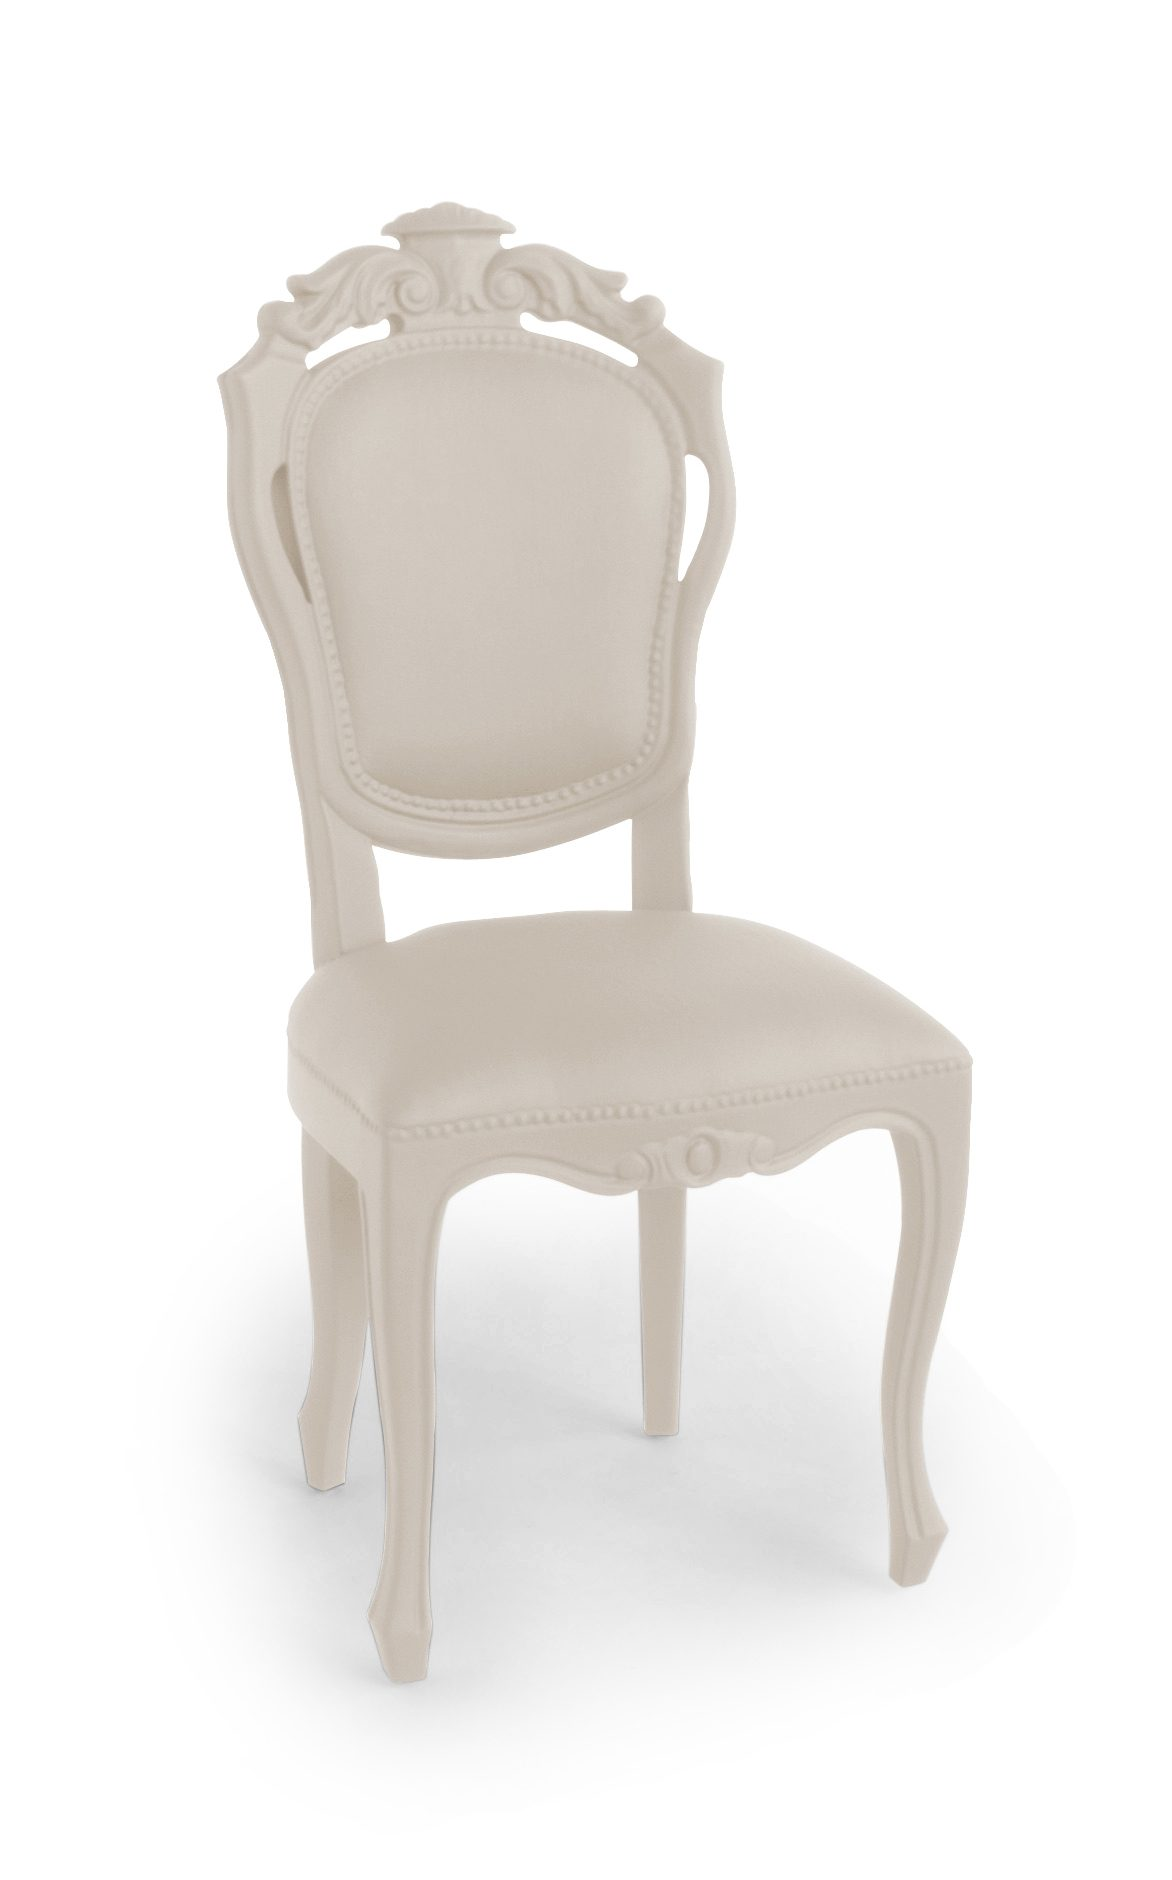 Jspr Plastic Fantastic Dining Chair Sand Exclusieve Eettafelstoel Rubber